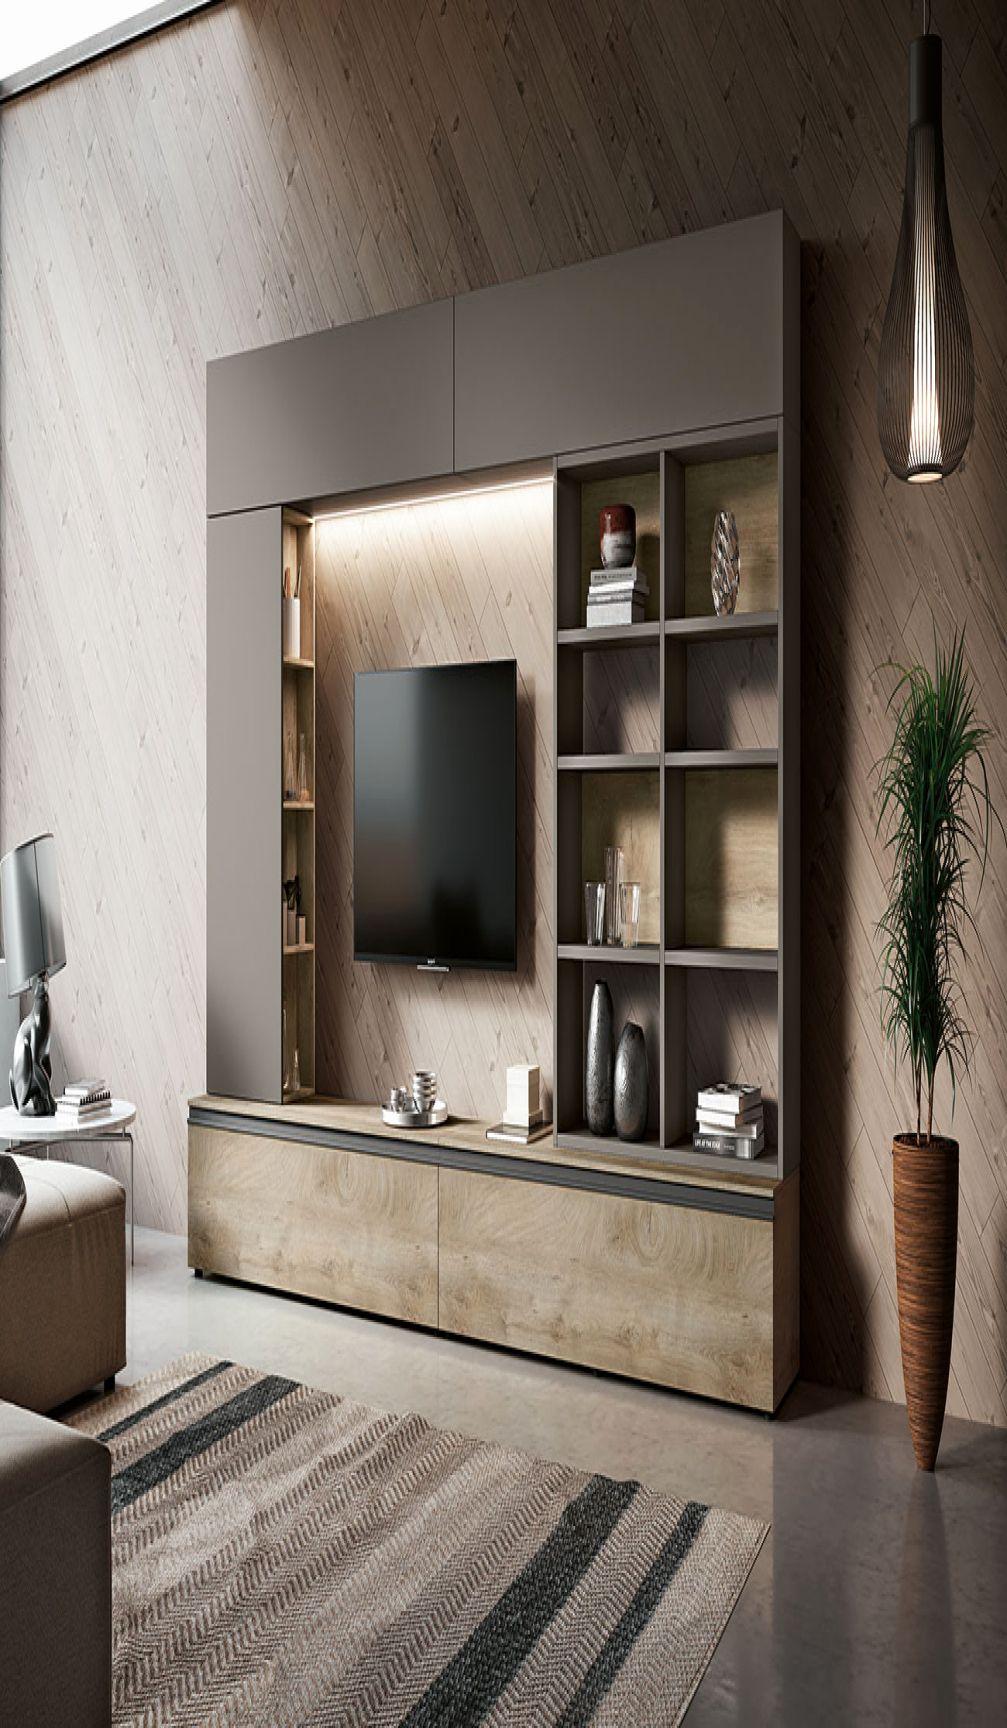 Salotti Moderni Con Prezzi.24 Bello Soggiorni Moderni Online Tv Room Design Living Room Tv Unit Designs Living Room Wall Units